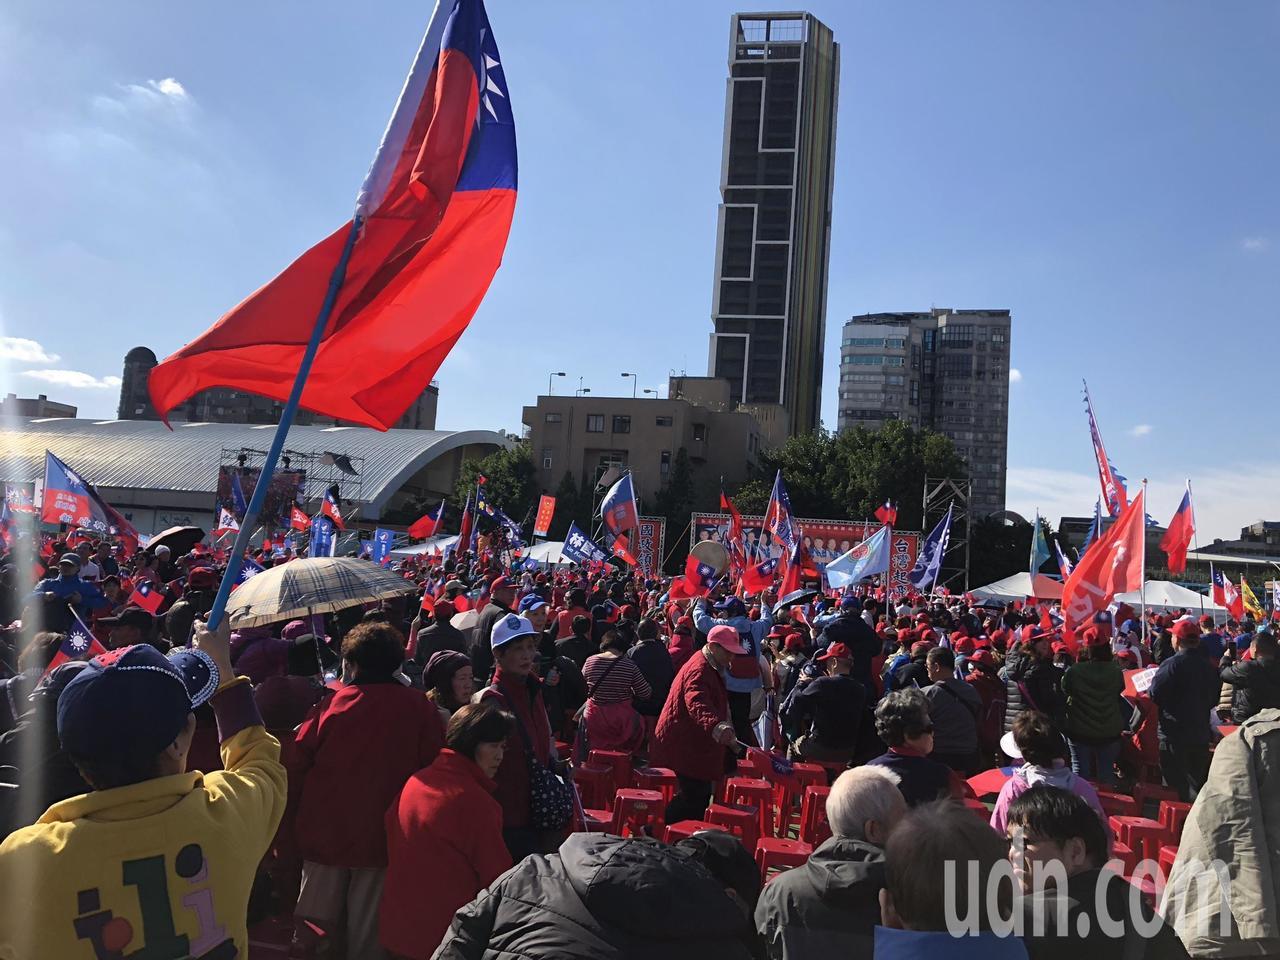 国民党总统候选人韩国瑜今在板桥第二运动场举办造势活动,现场已是飘扬满满的国旗。记...